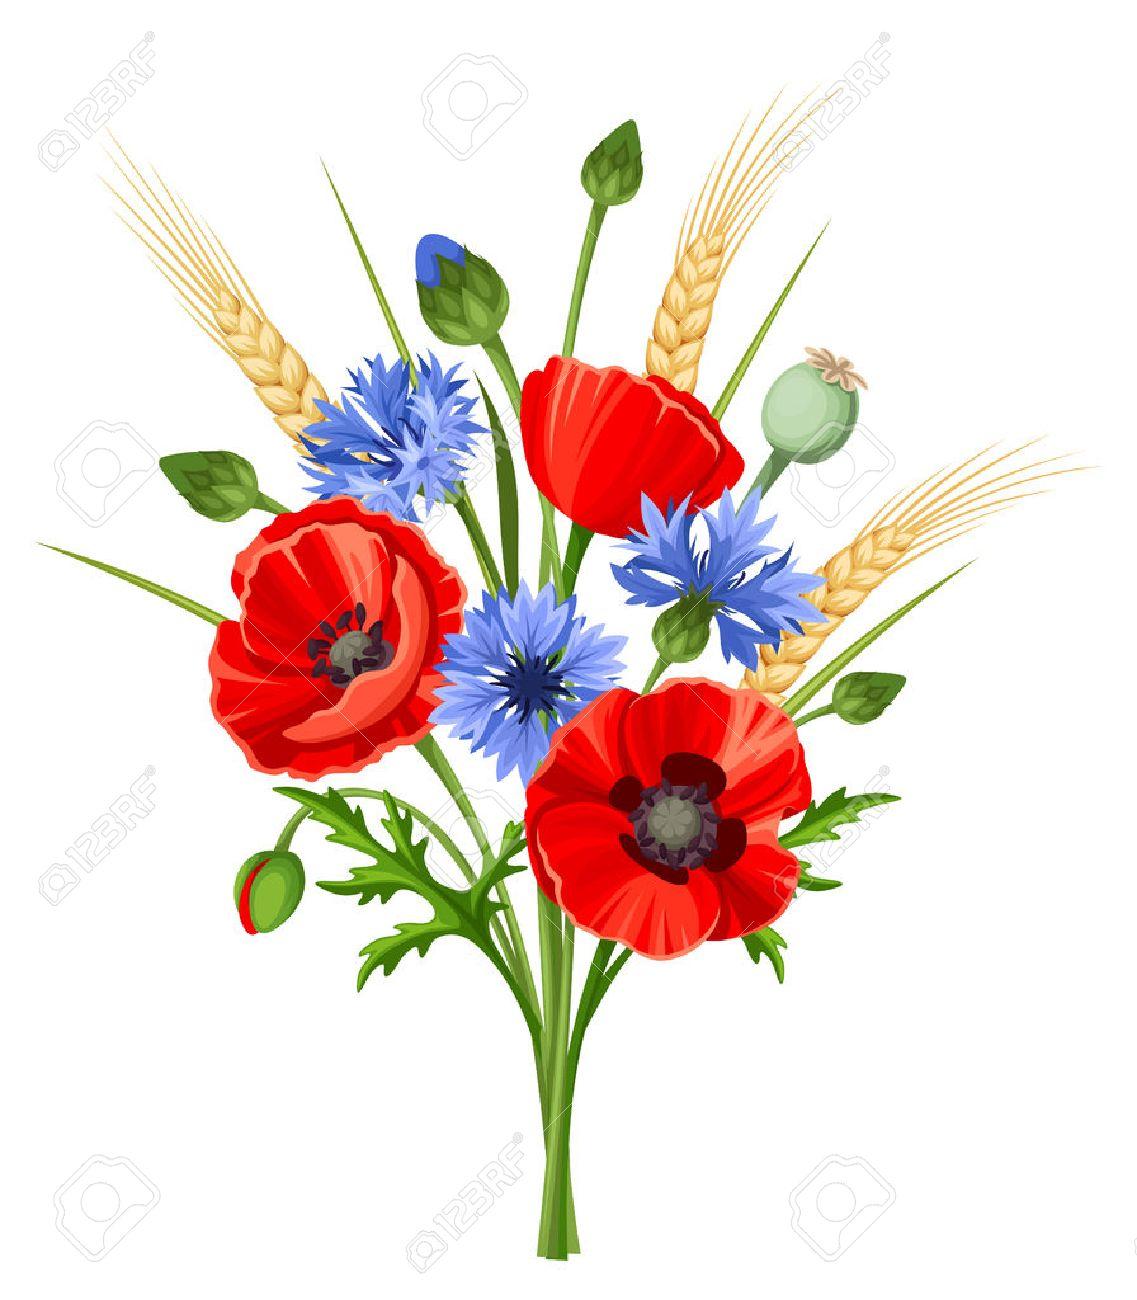 fleurs des champs bouquet de fleurs de pavot rouge, bleuets et épis de blé